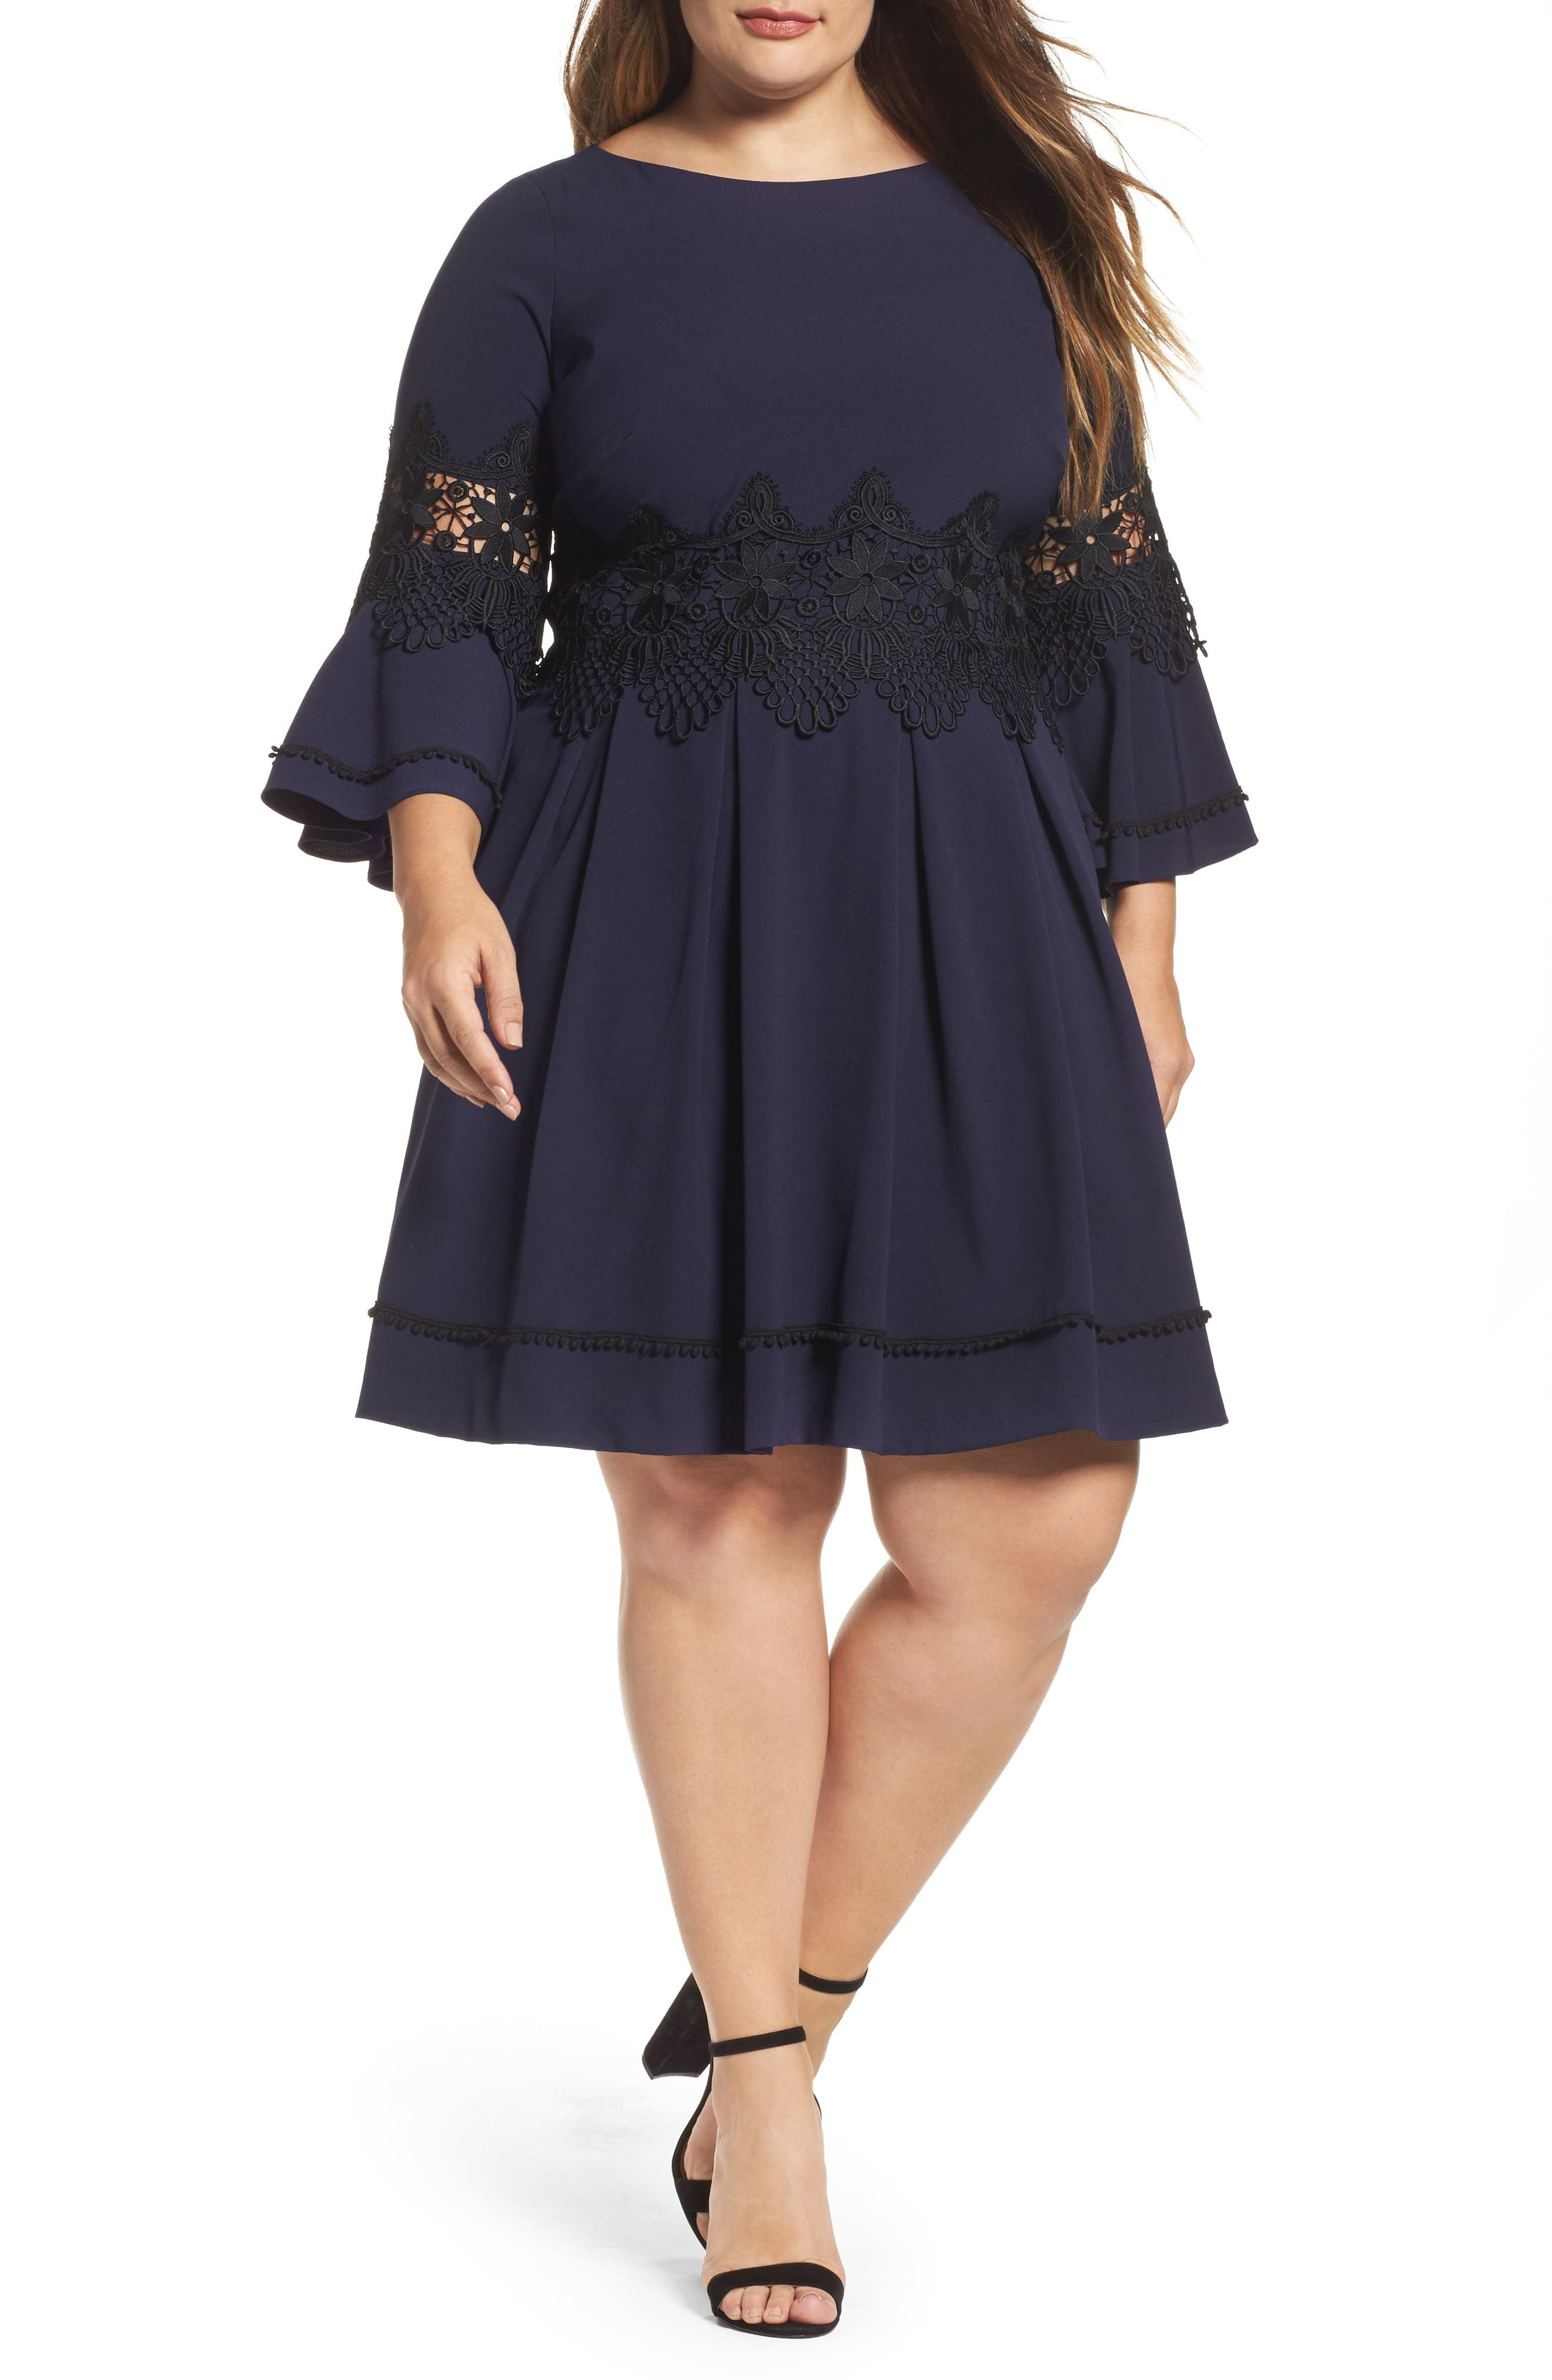 Alternate Image 1 Selected - Eliza J Lace Appliqué A-Line Dress (Plus Size)